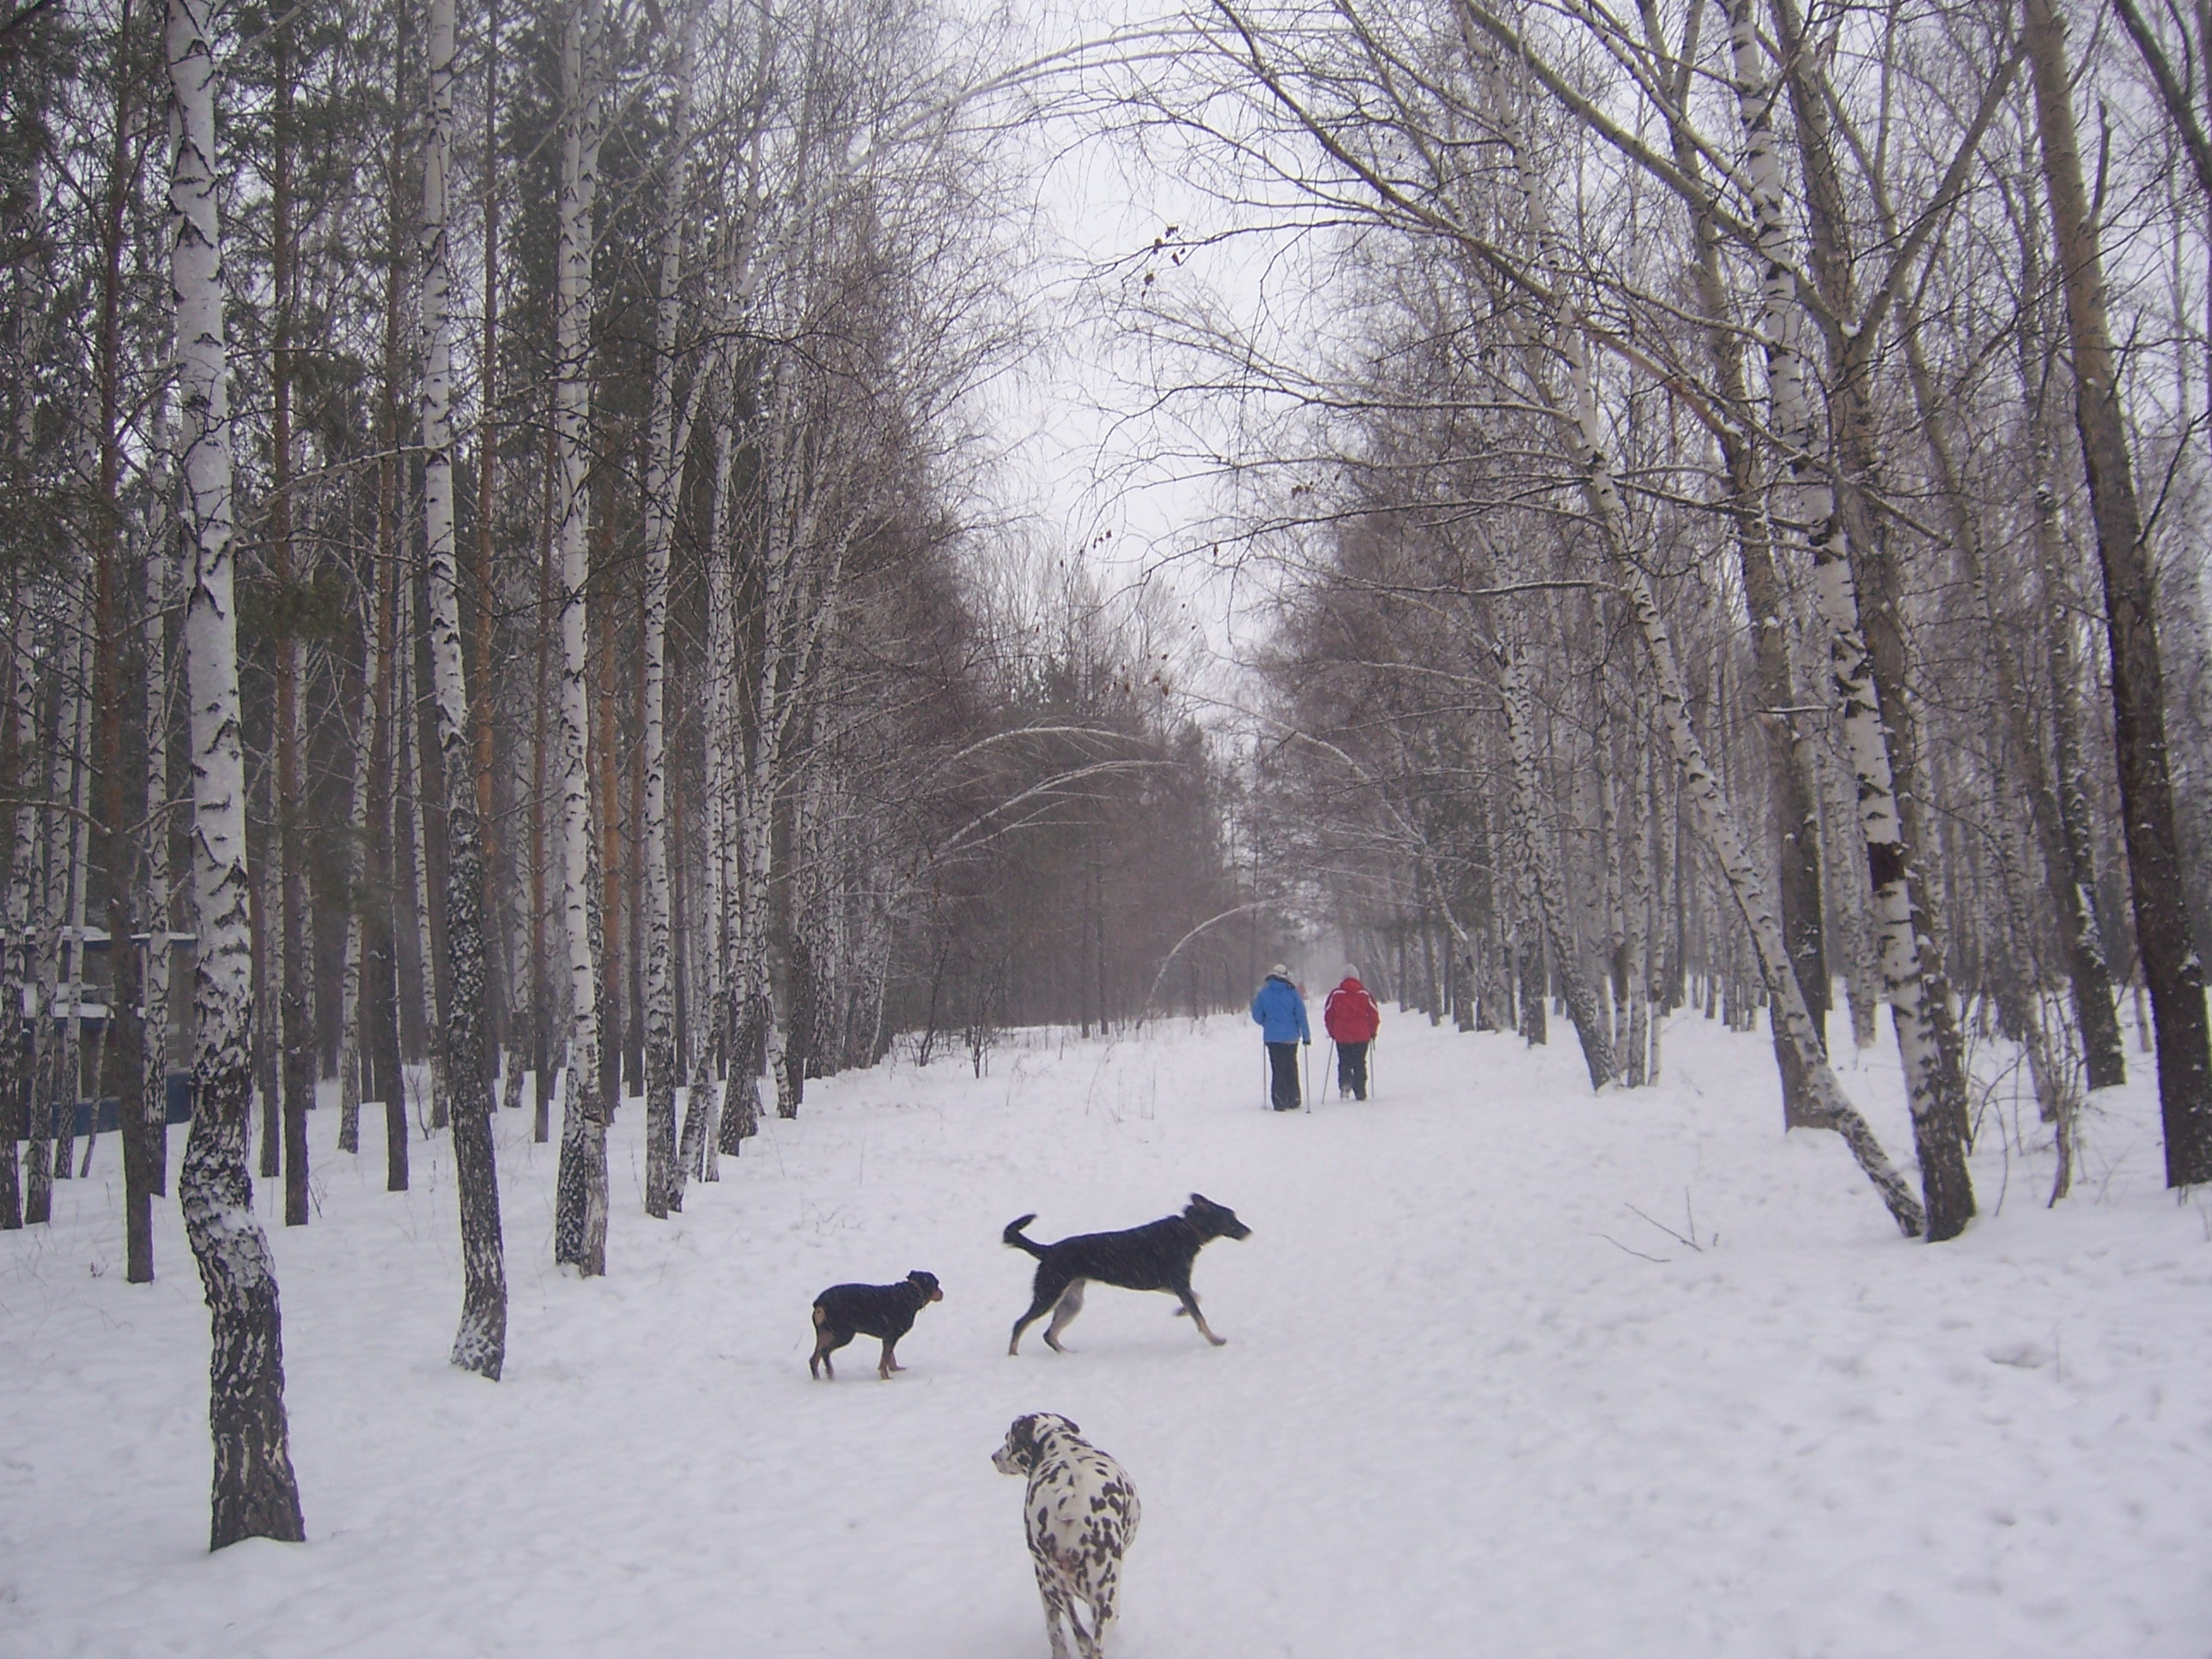 ВКрасноярске весной 2018 года высадят 5 тыс. деревьев